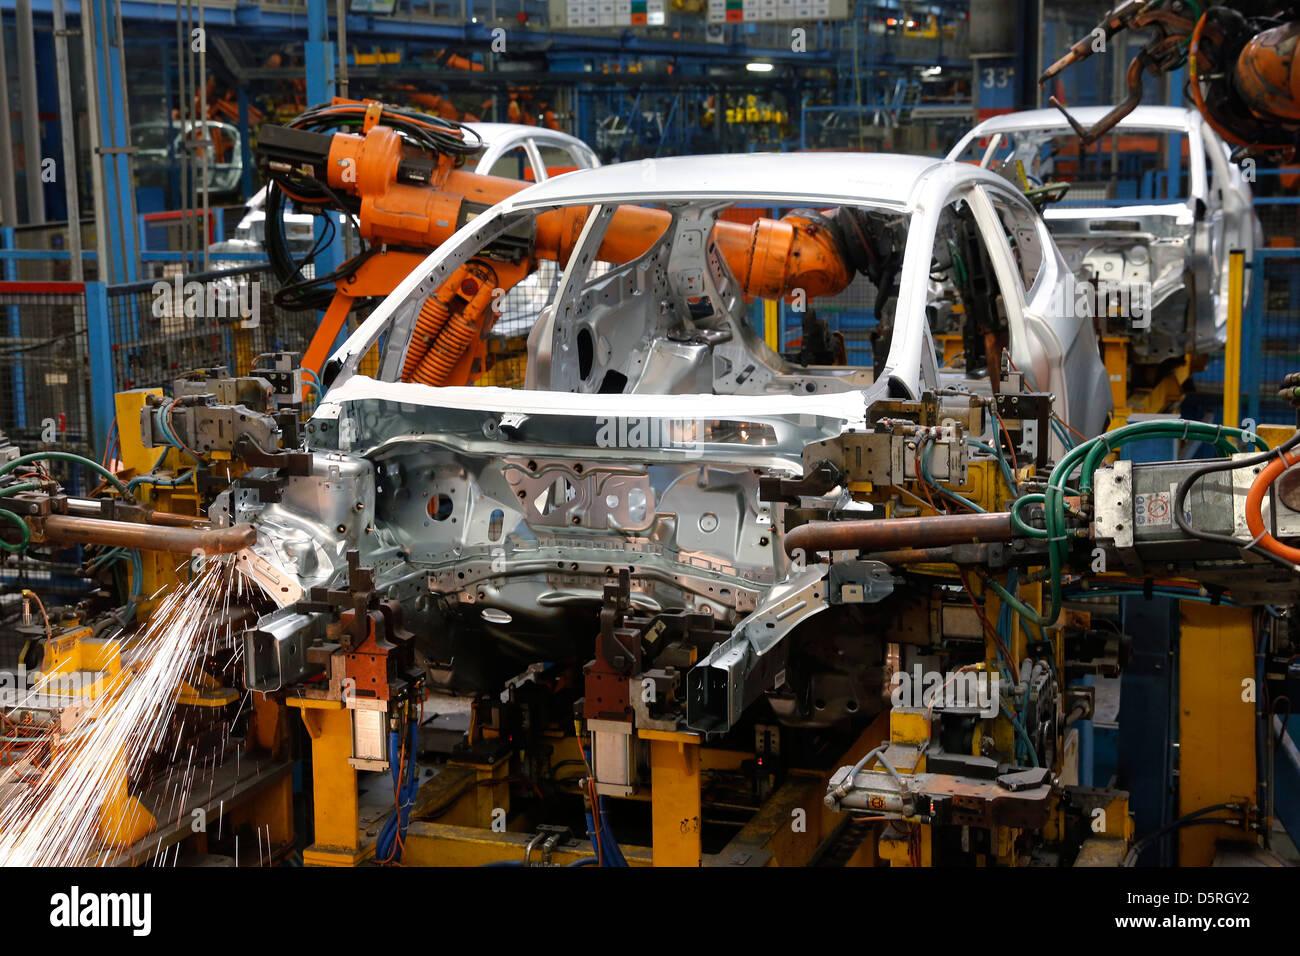 Ford Fiesta di produzione sulla linea di assemblaggio, impianto di Colonia, Germania Immagini Stock